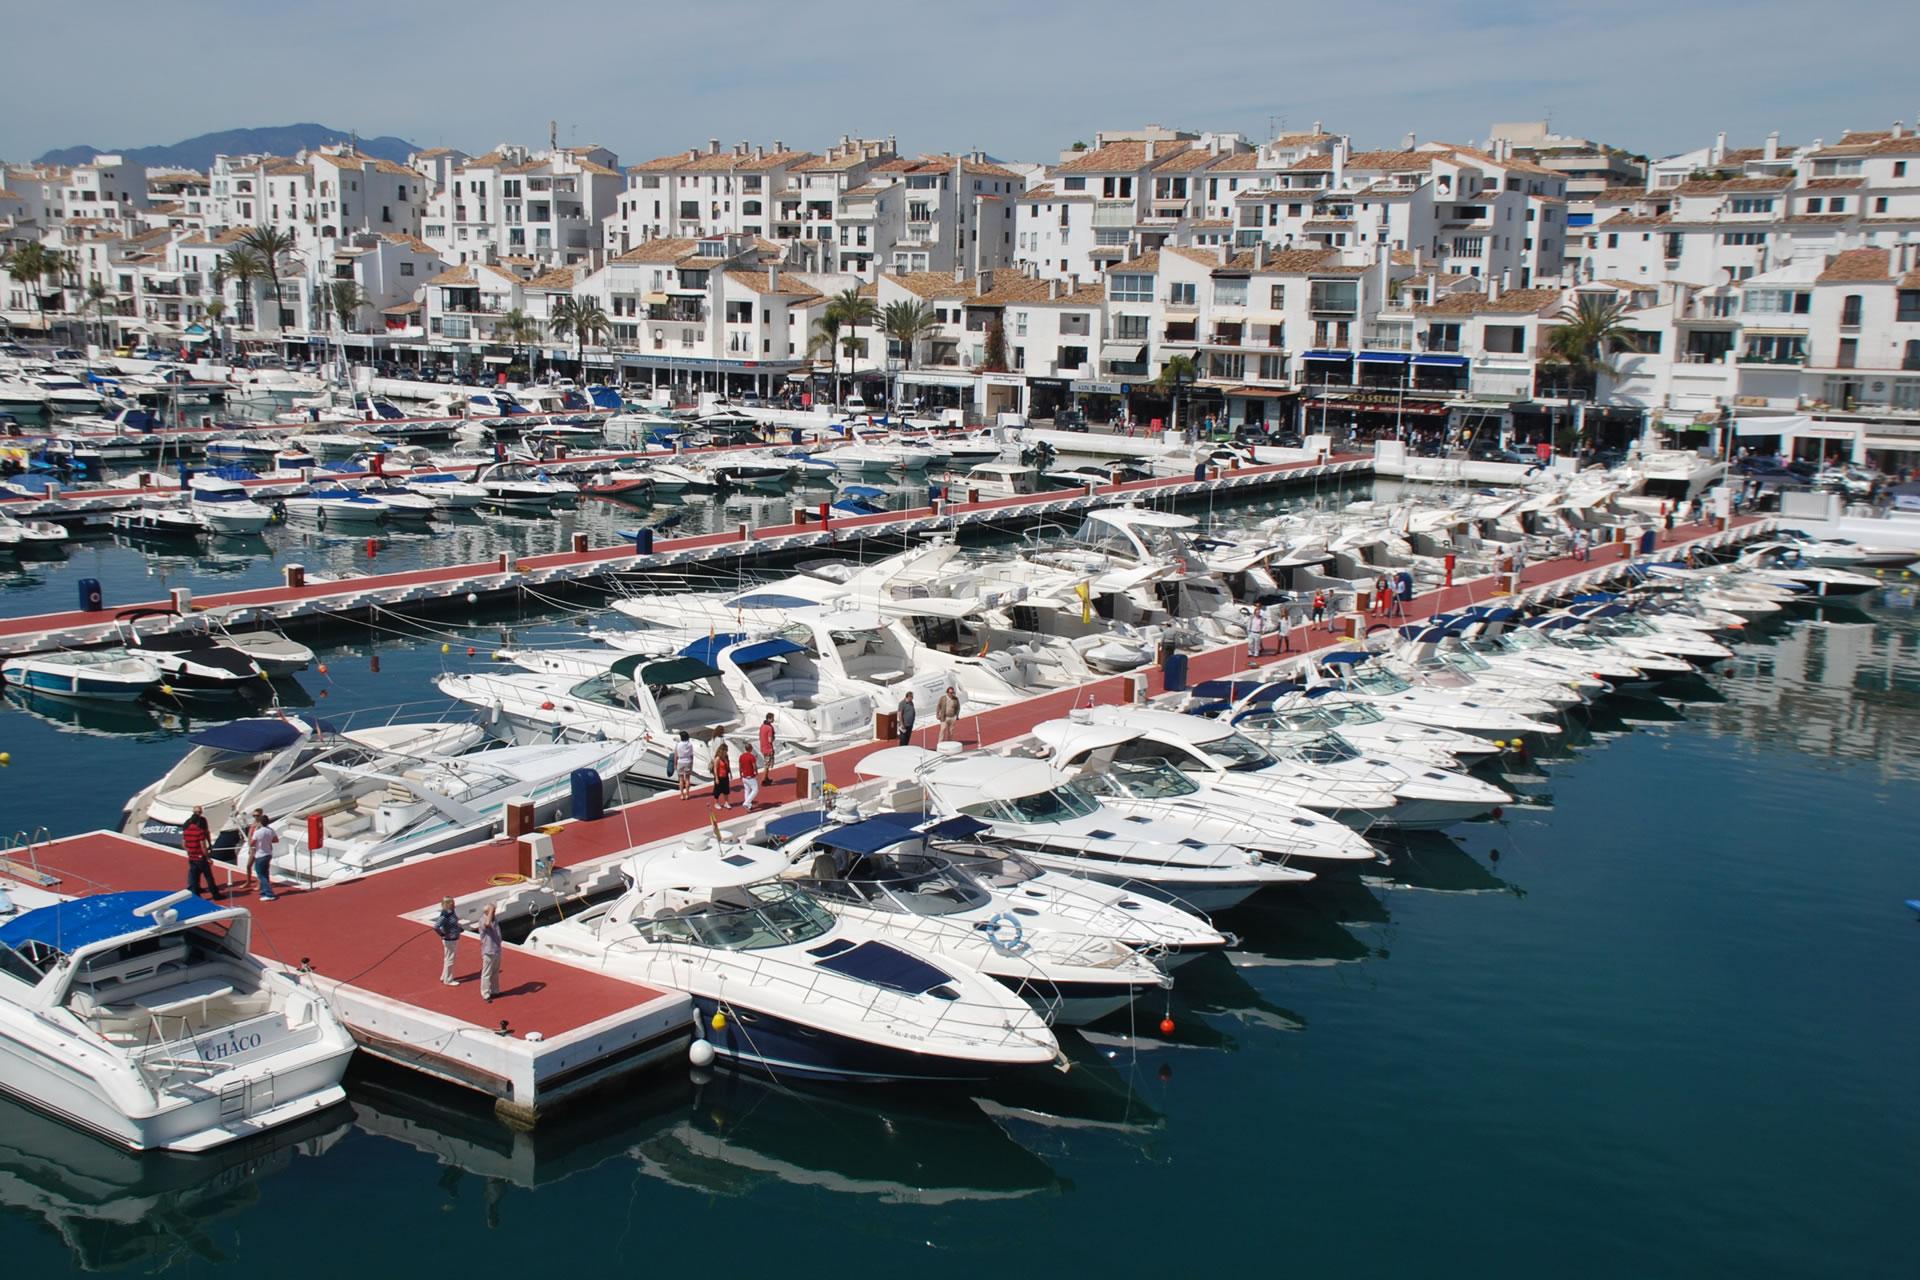 Boat fair 2013 in puerto banus marbella costa del sol news - Puerto banus marbella ...